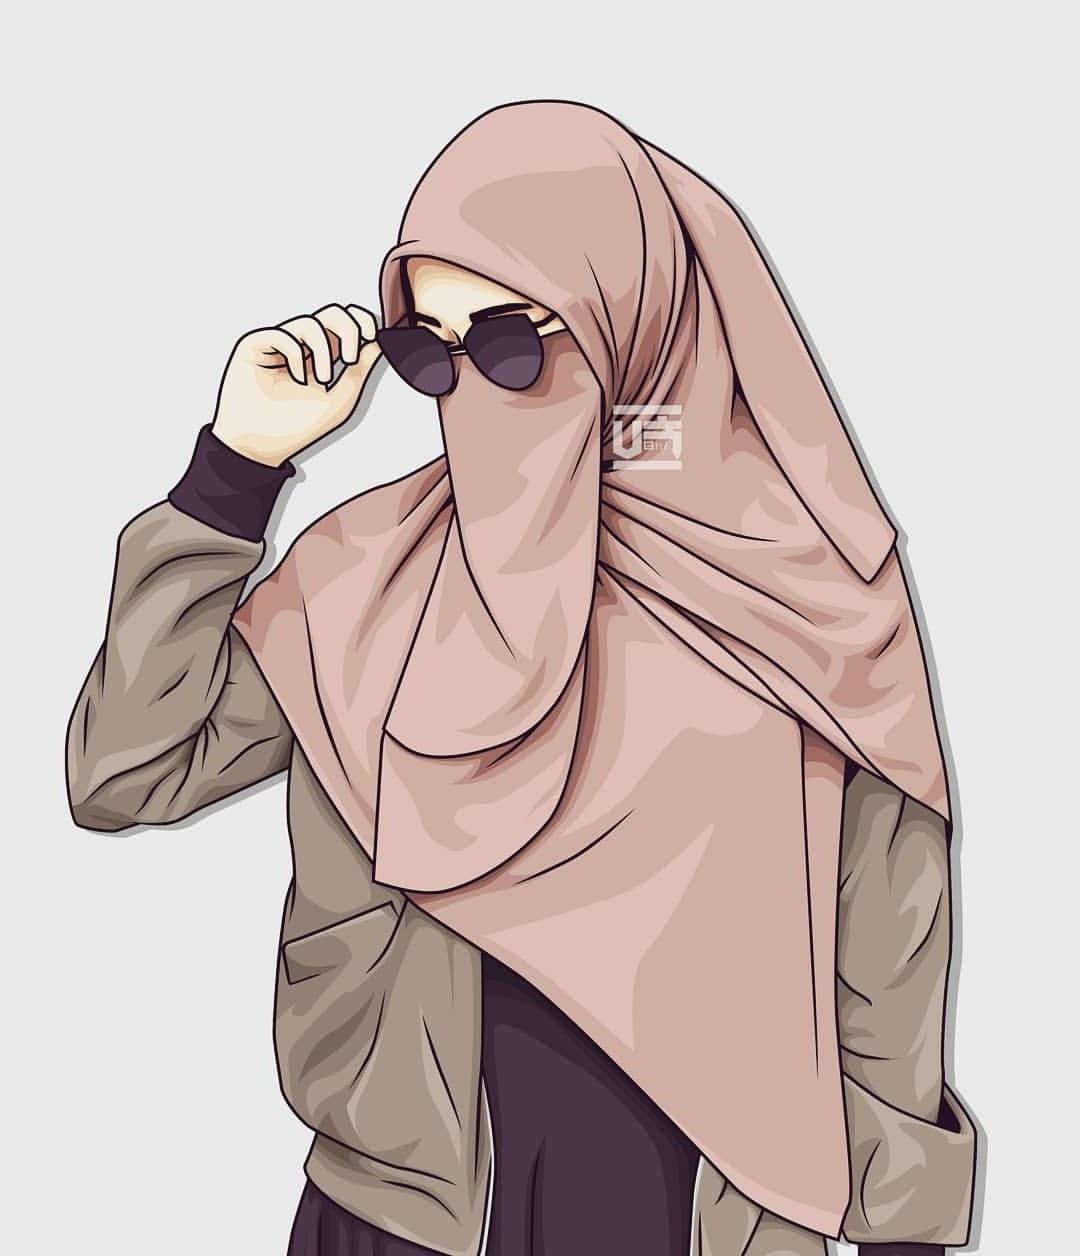 Inspirasi Muslimah Kartun Cantik Zwd9 1000 Gambar Kartun Muslimah Cantik Bercadar Kacamata El